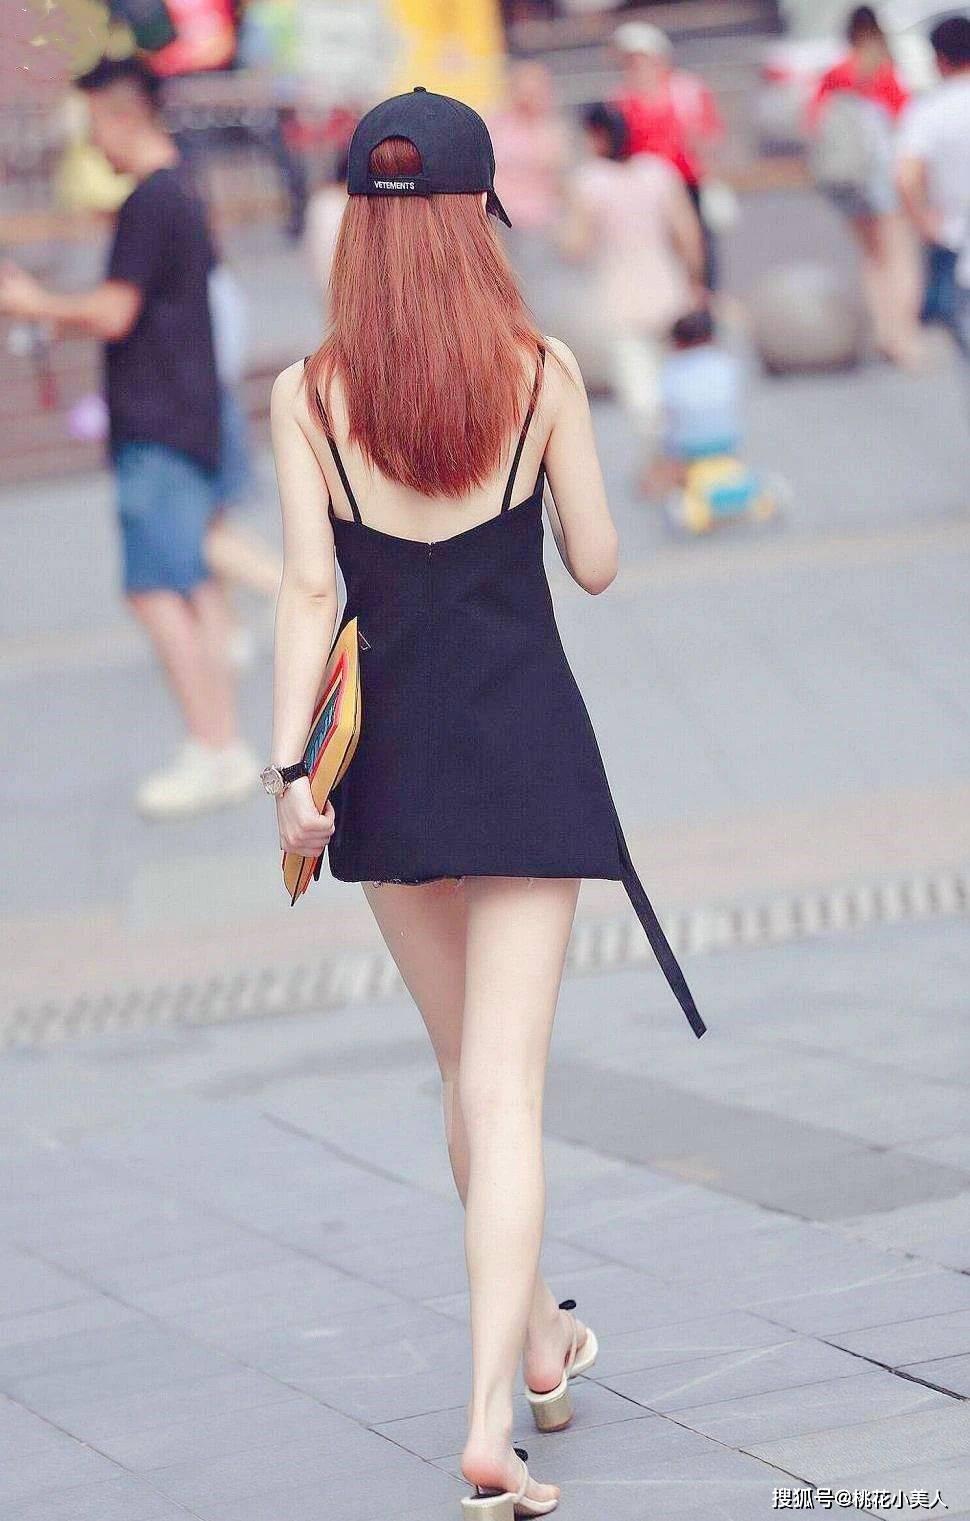 时尚街拍中,为什么背影占比很高?因为背影的故事,更有想象空间